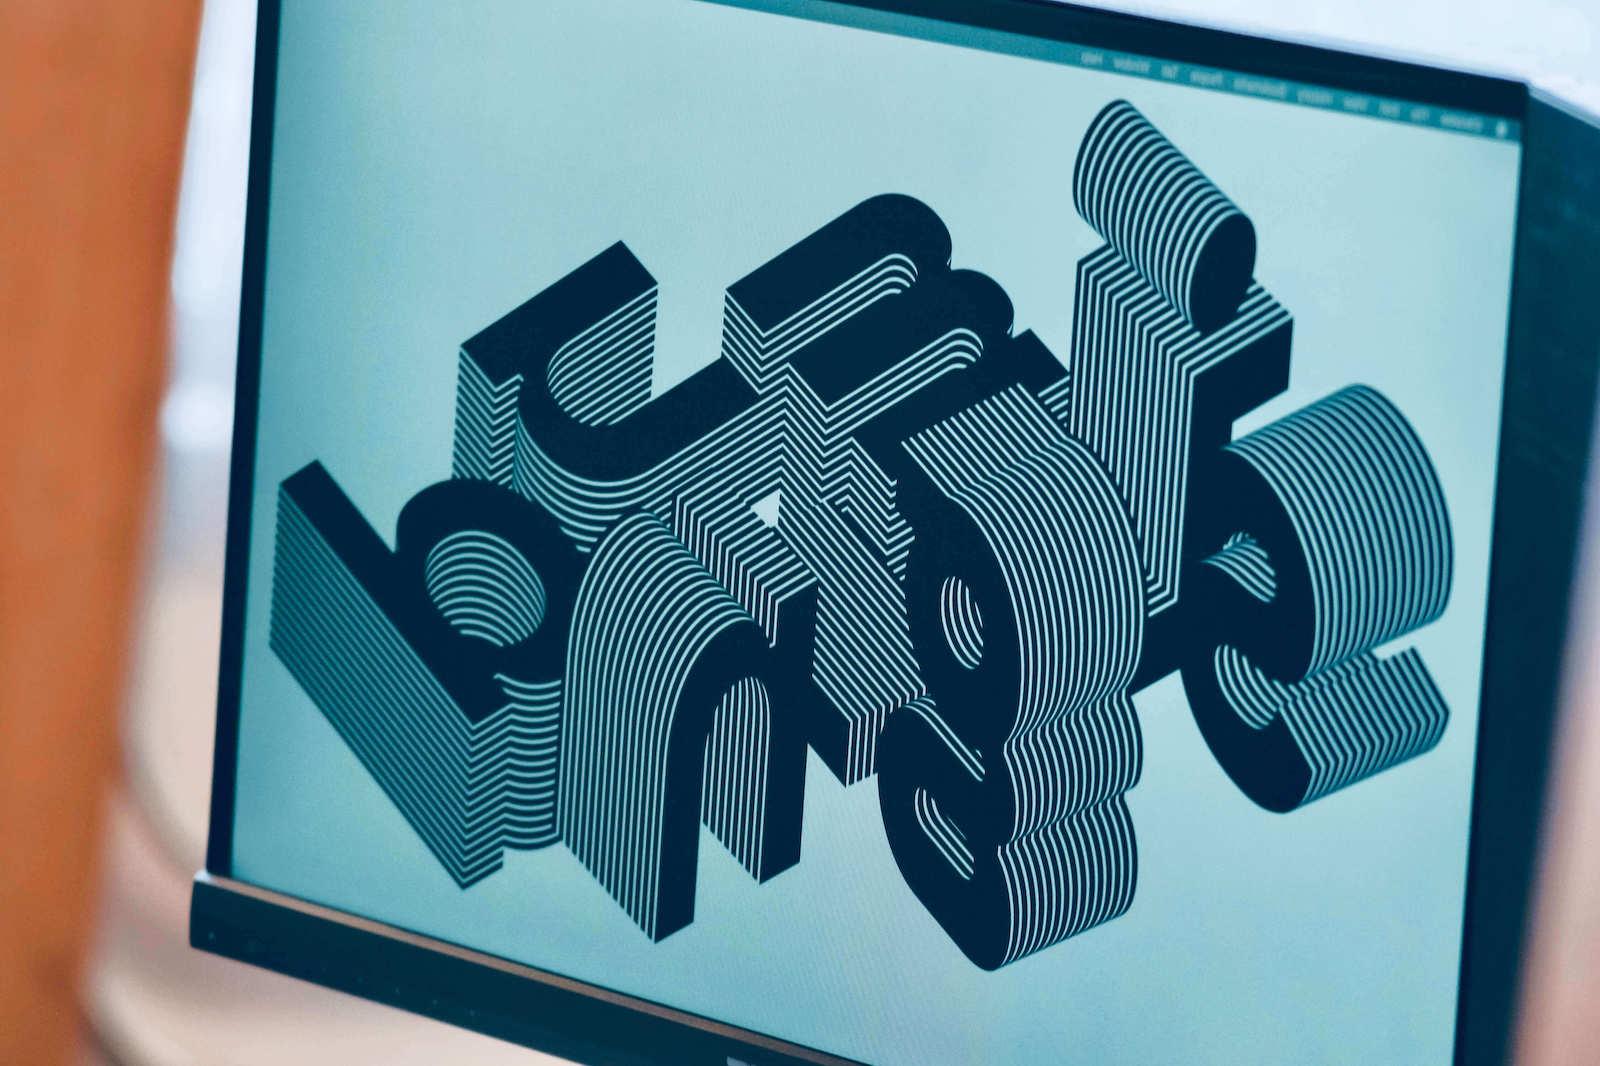 Предпечатная подготовка текста. Переводим шрифт в кривые в иллюстраторе, кореле, индизайне.